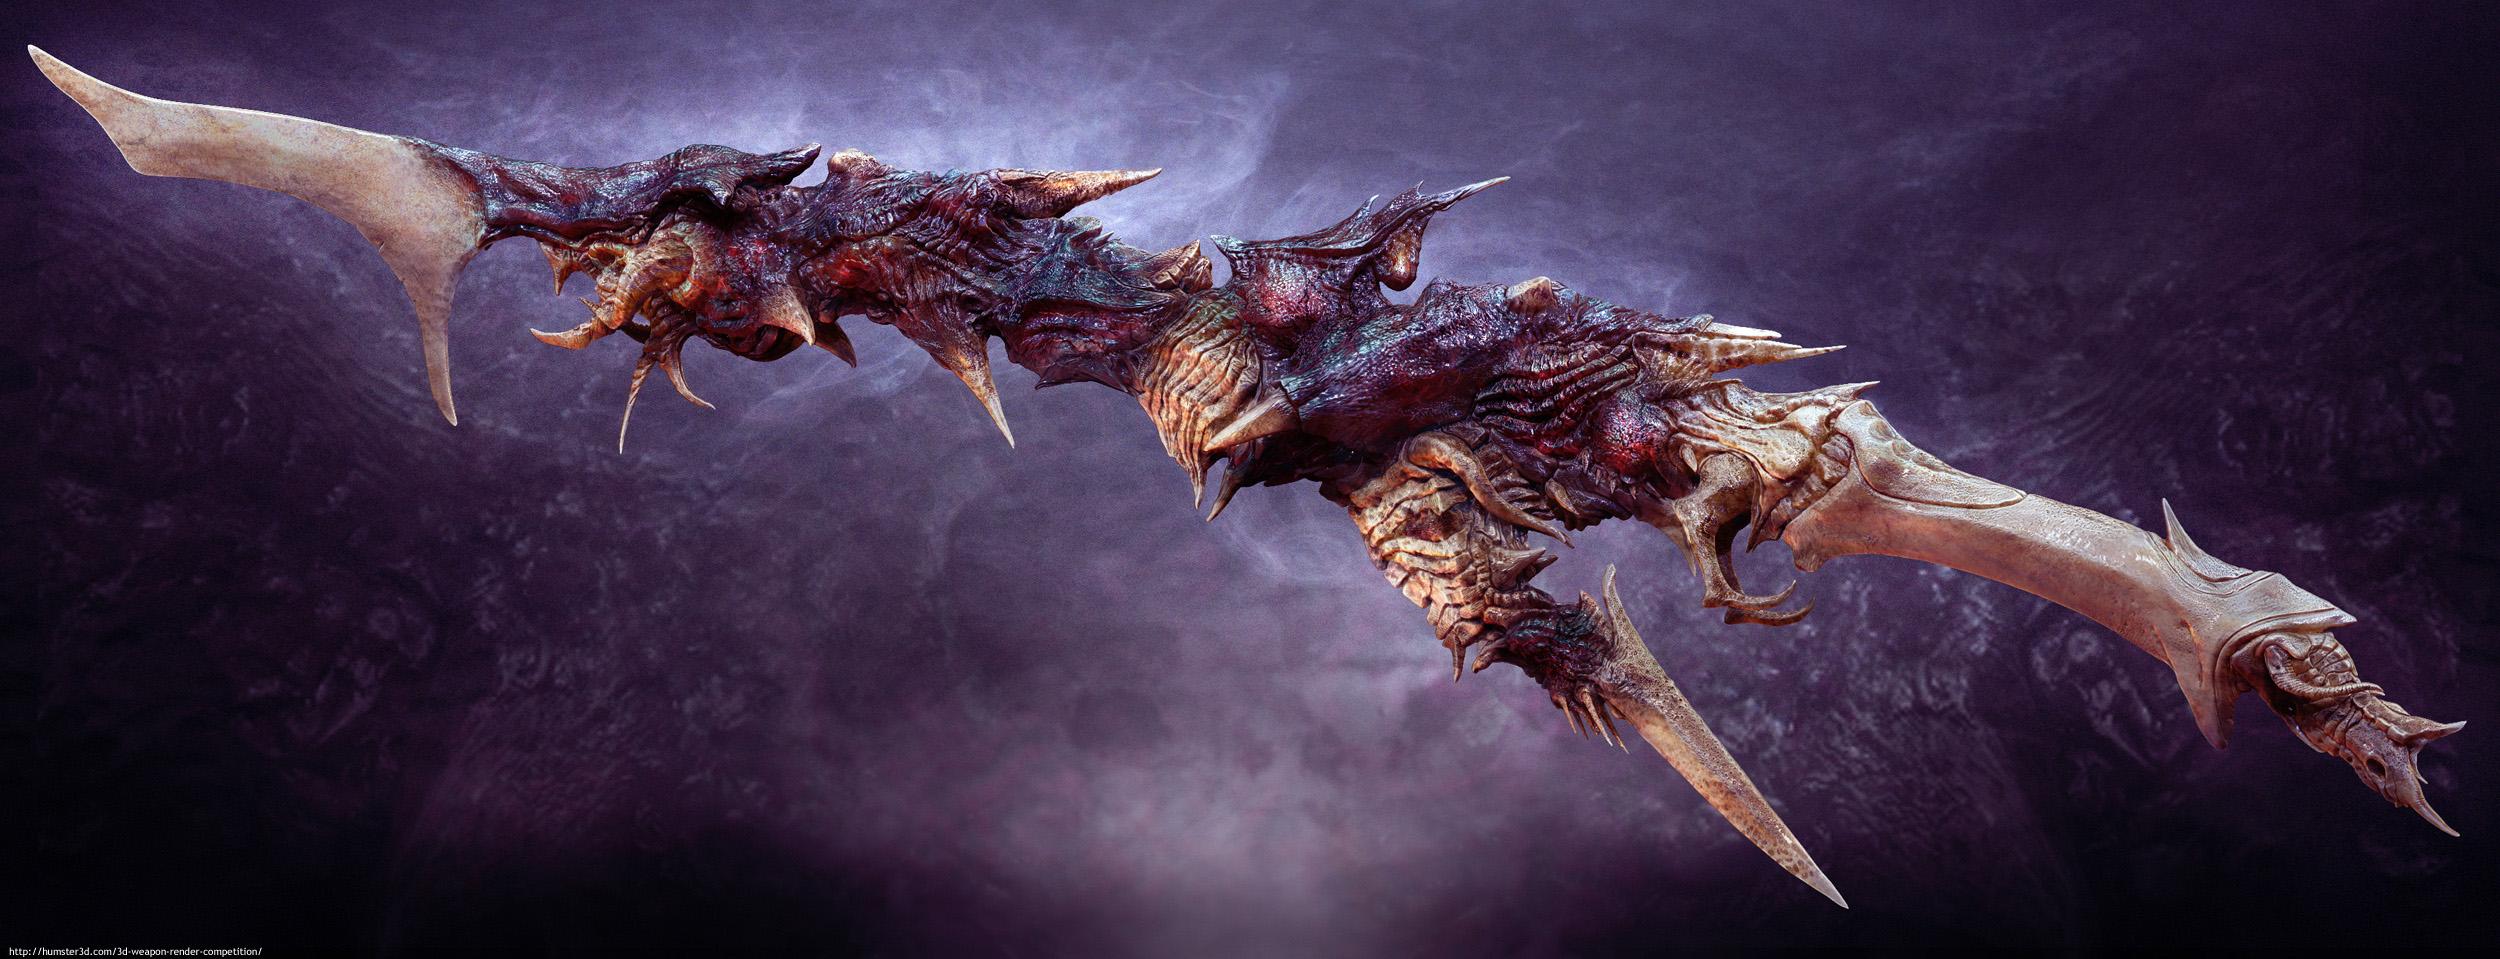 Nightmare Sword 3d art